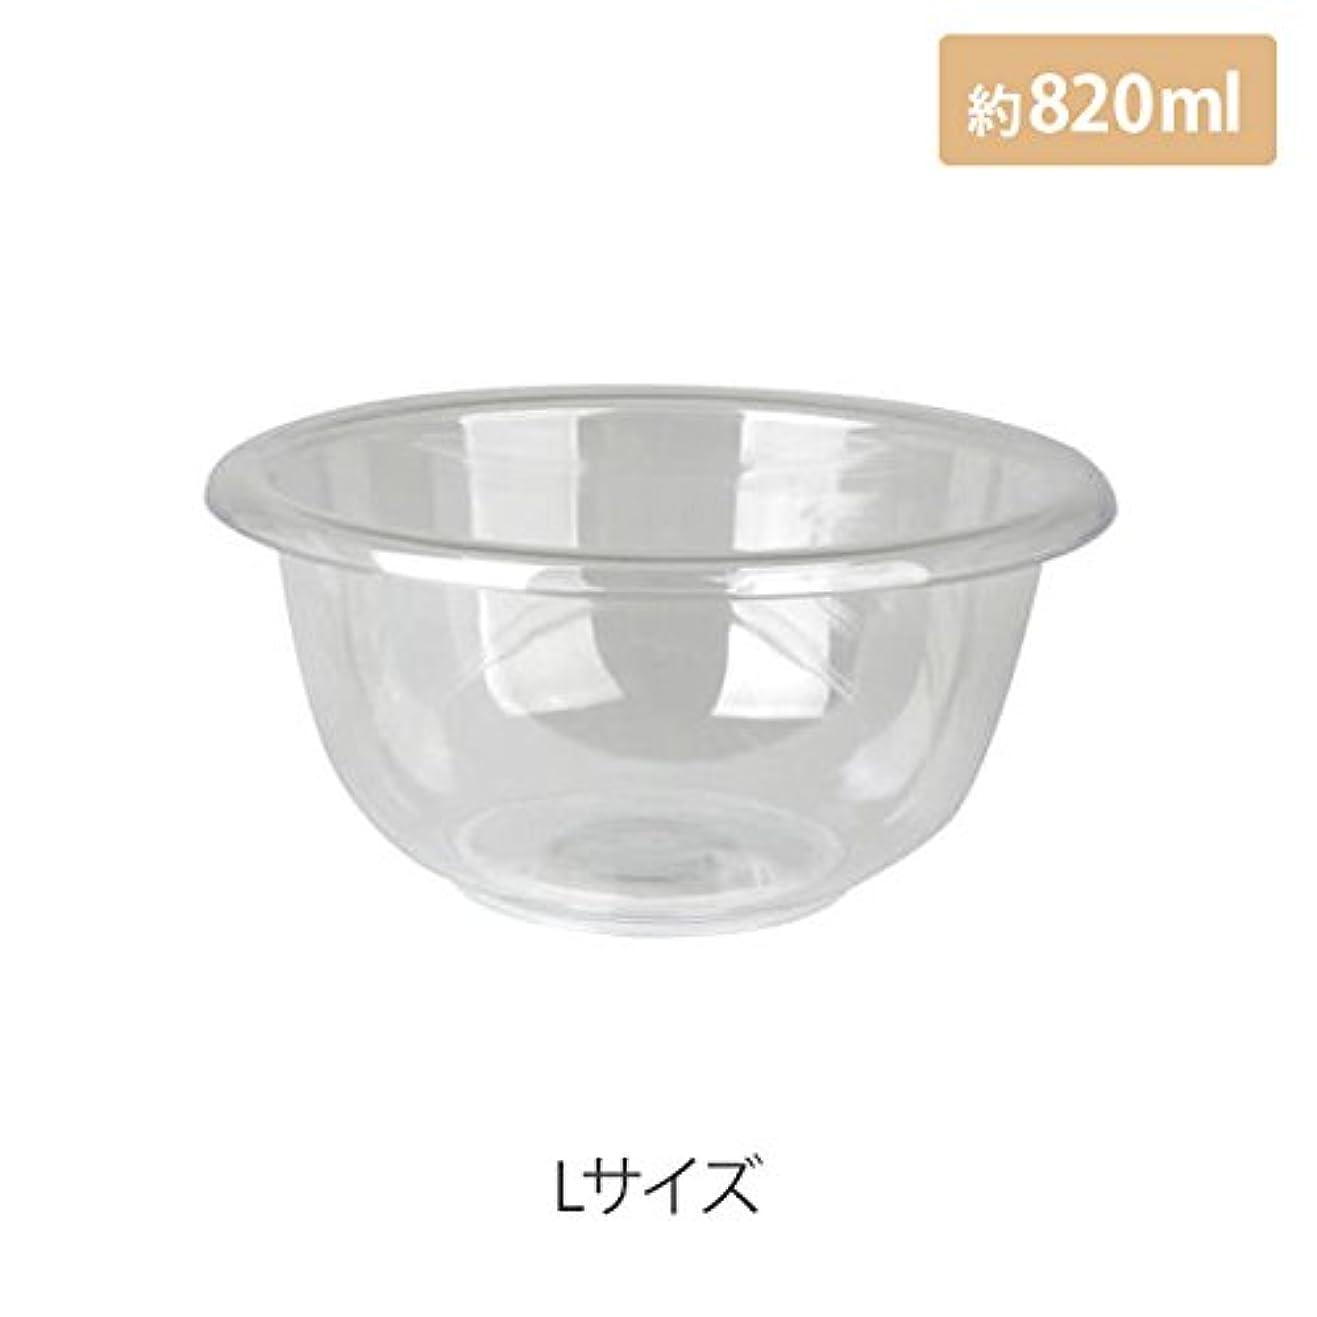 含む捕虜一般マイスター プラスティックボウル (Lサイズ) クリア 直径19.5cm [ プラスチックボール カップボウル カップボール エステ サロン プラスチック ボウル カップ 割れない ]